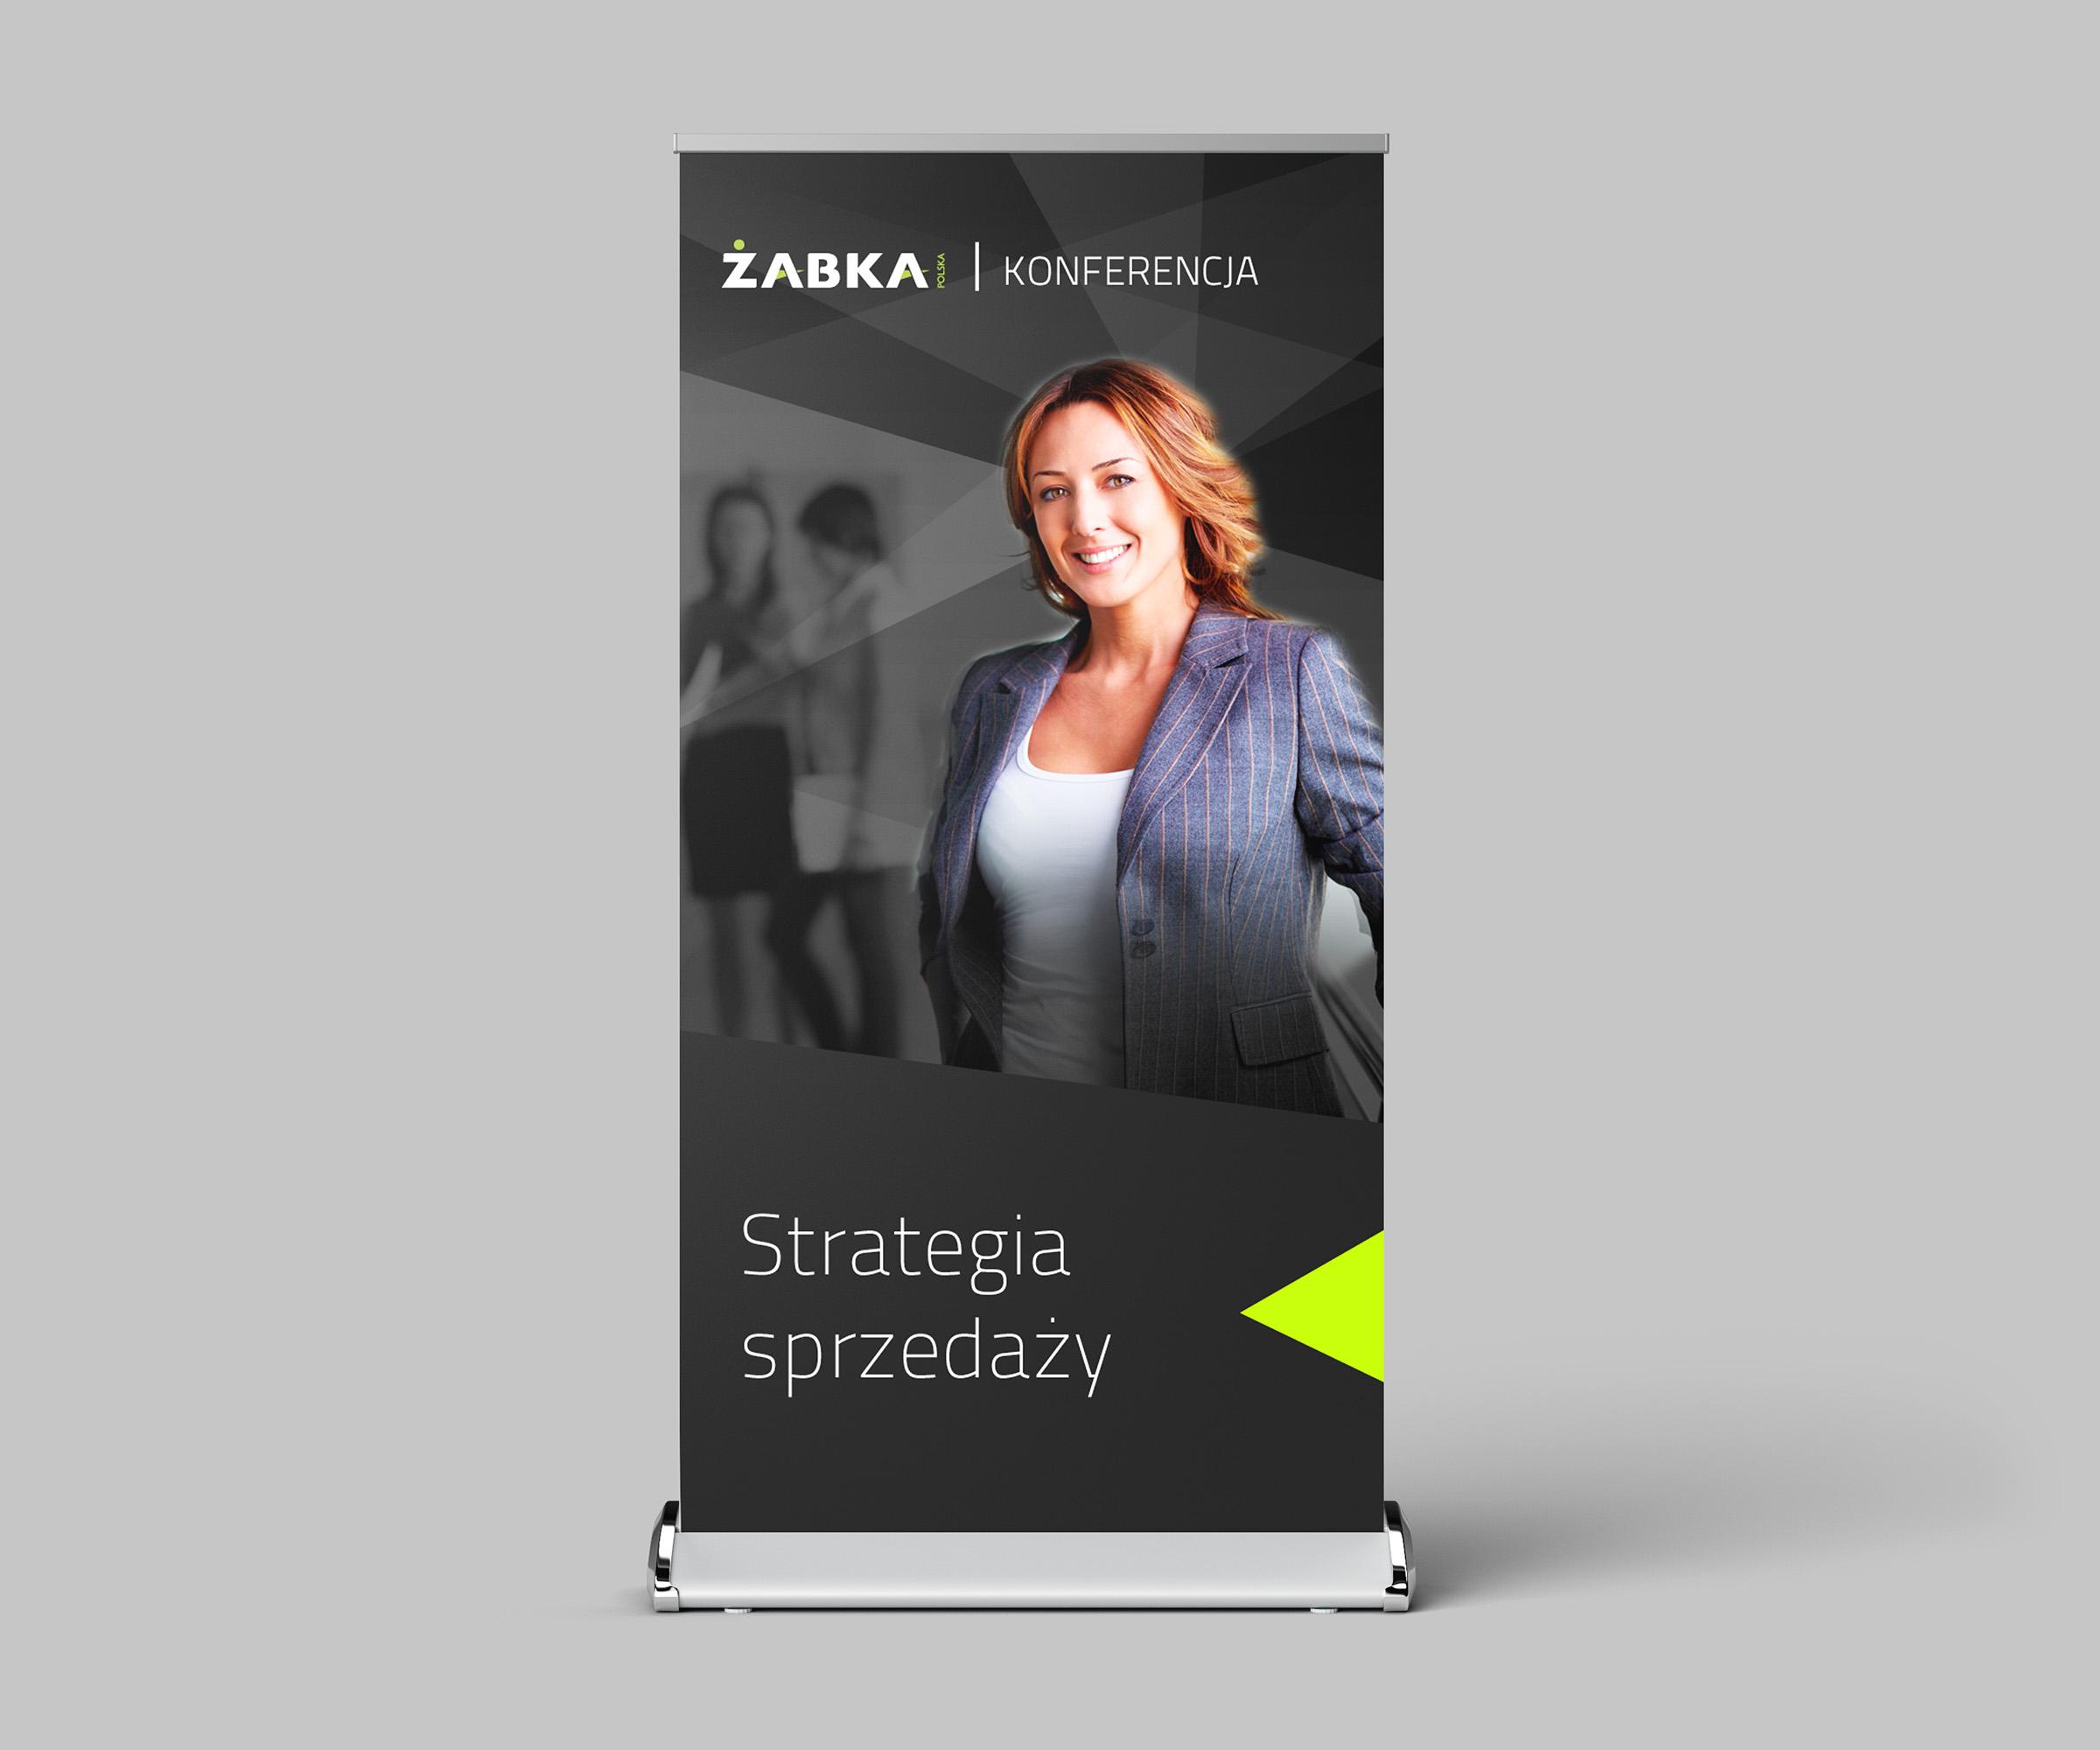 gadgets design, roll up, projektowanie gadżetów, bloch projektowanie graficzne, Żabka Polska